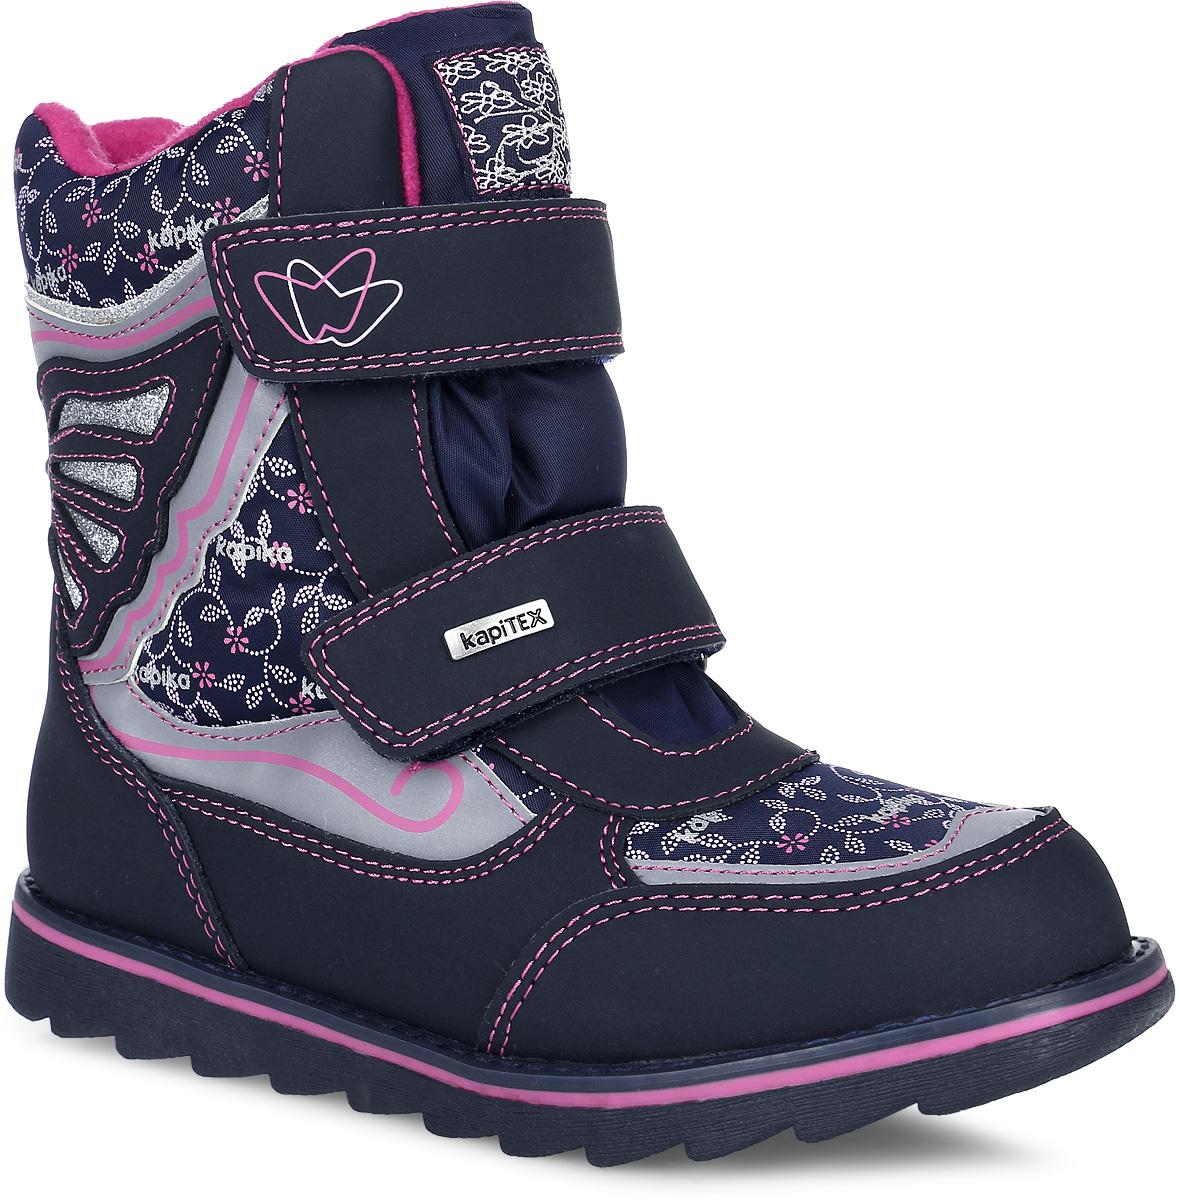 43173-2Стильные и теплые ботинки от Kapika заинтересуют вашу юную модницу с первого взгляда. Обувь изготовлена из водонепроницаемого текстиля и искусственной кожи. Модель оформлена оригинальным принтом и декоративными нашивками с контрастной прострочкой. Носочная и задняя части дополнены накладками для лучшей сохранности обуви. На ноге модель фиксируется с помощью ремешков с застежками-липучками, одна из которых оформлена фирменной металлической пластинкой. Внутренняя поверхность и стелька изготовлены из утепленного текстиля с добавлением шерсти и обеспечат ножкам комфорт и тепло. Подошва изготовлена из легкого и прочного ТЭП-материала, что гарантирует отличное сцепление с любой поверхностью. Такие практичные ботинки займут достойное место в гардеробе вашей девочки.